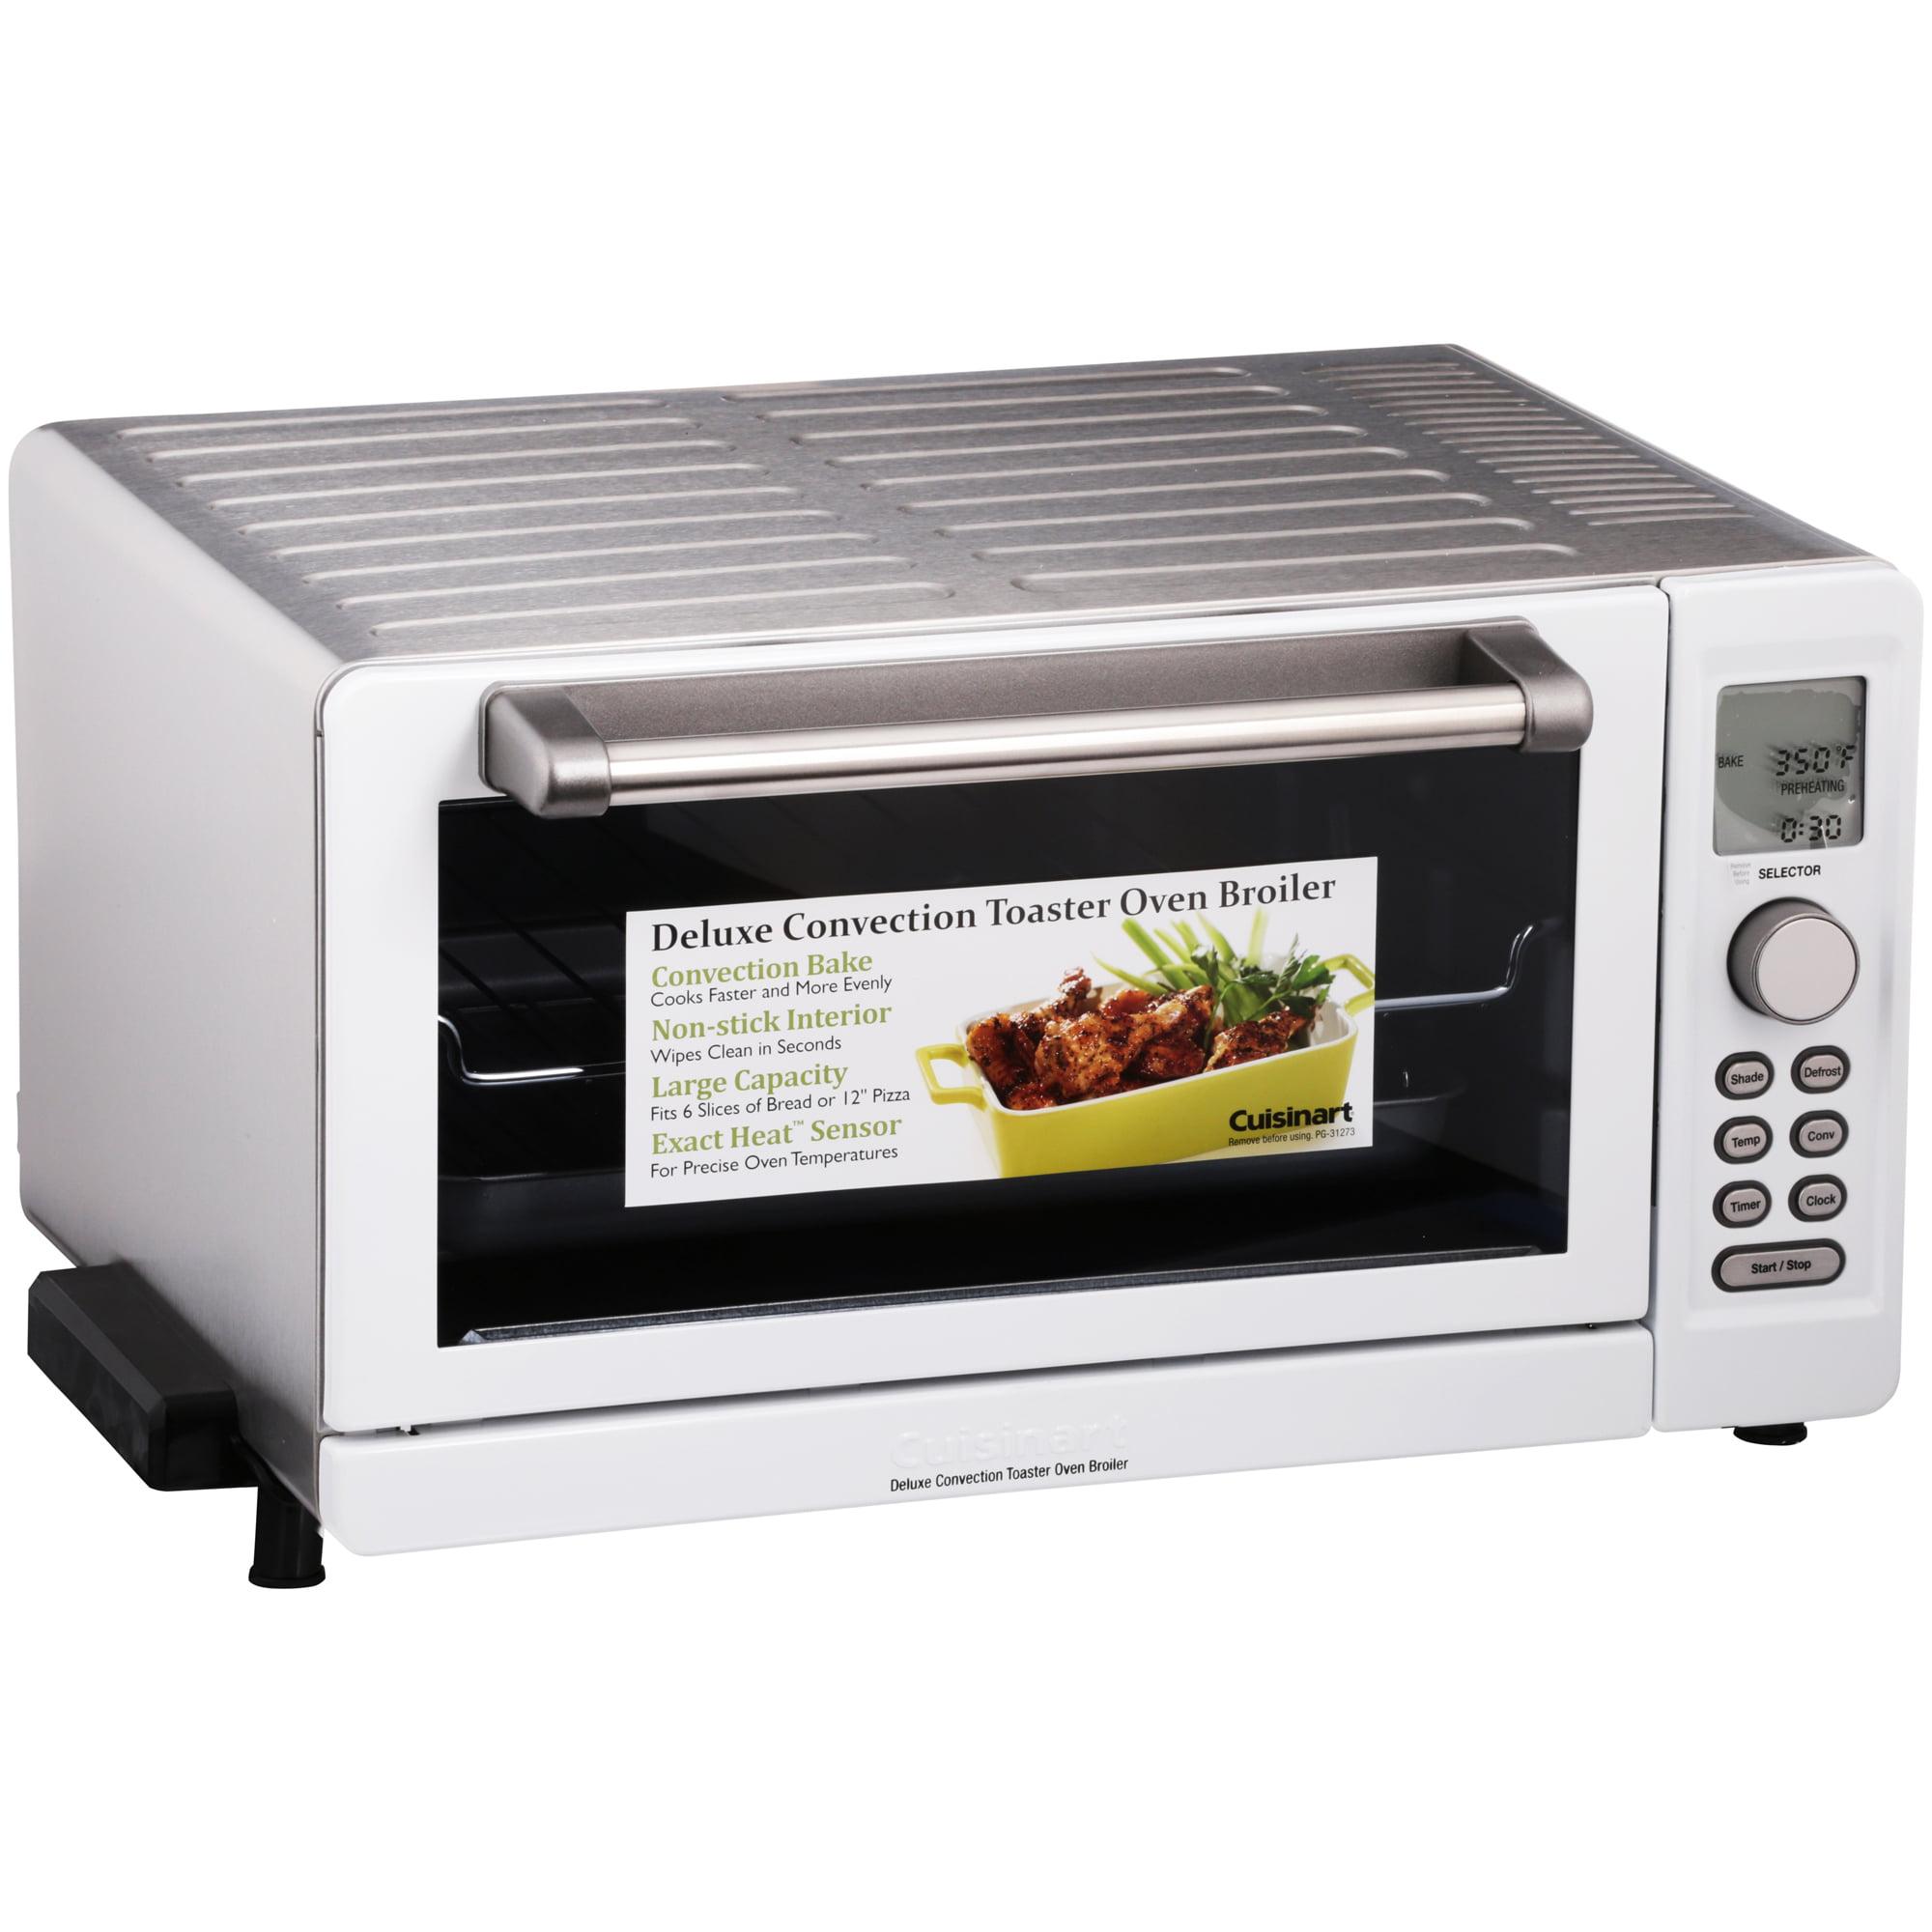 Cuisinart® Deluxe Digital Convection Toaster Oven Broiler - Walmart.com